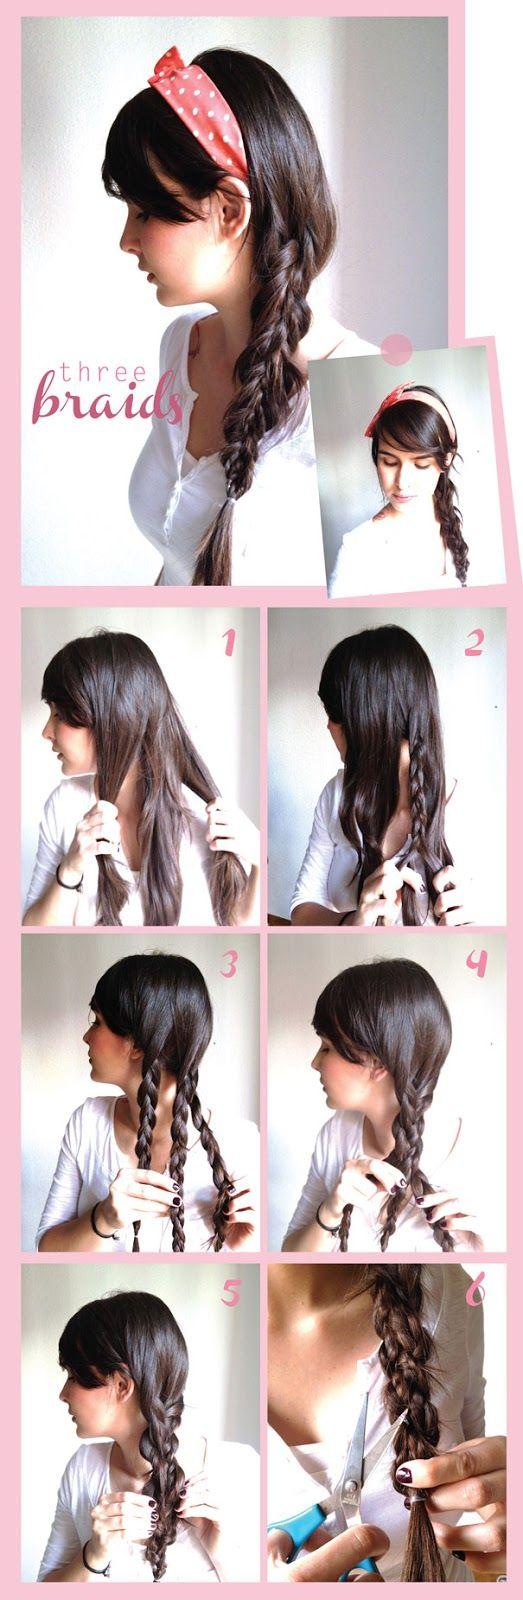 How To Make Three Braids